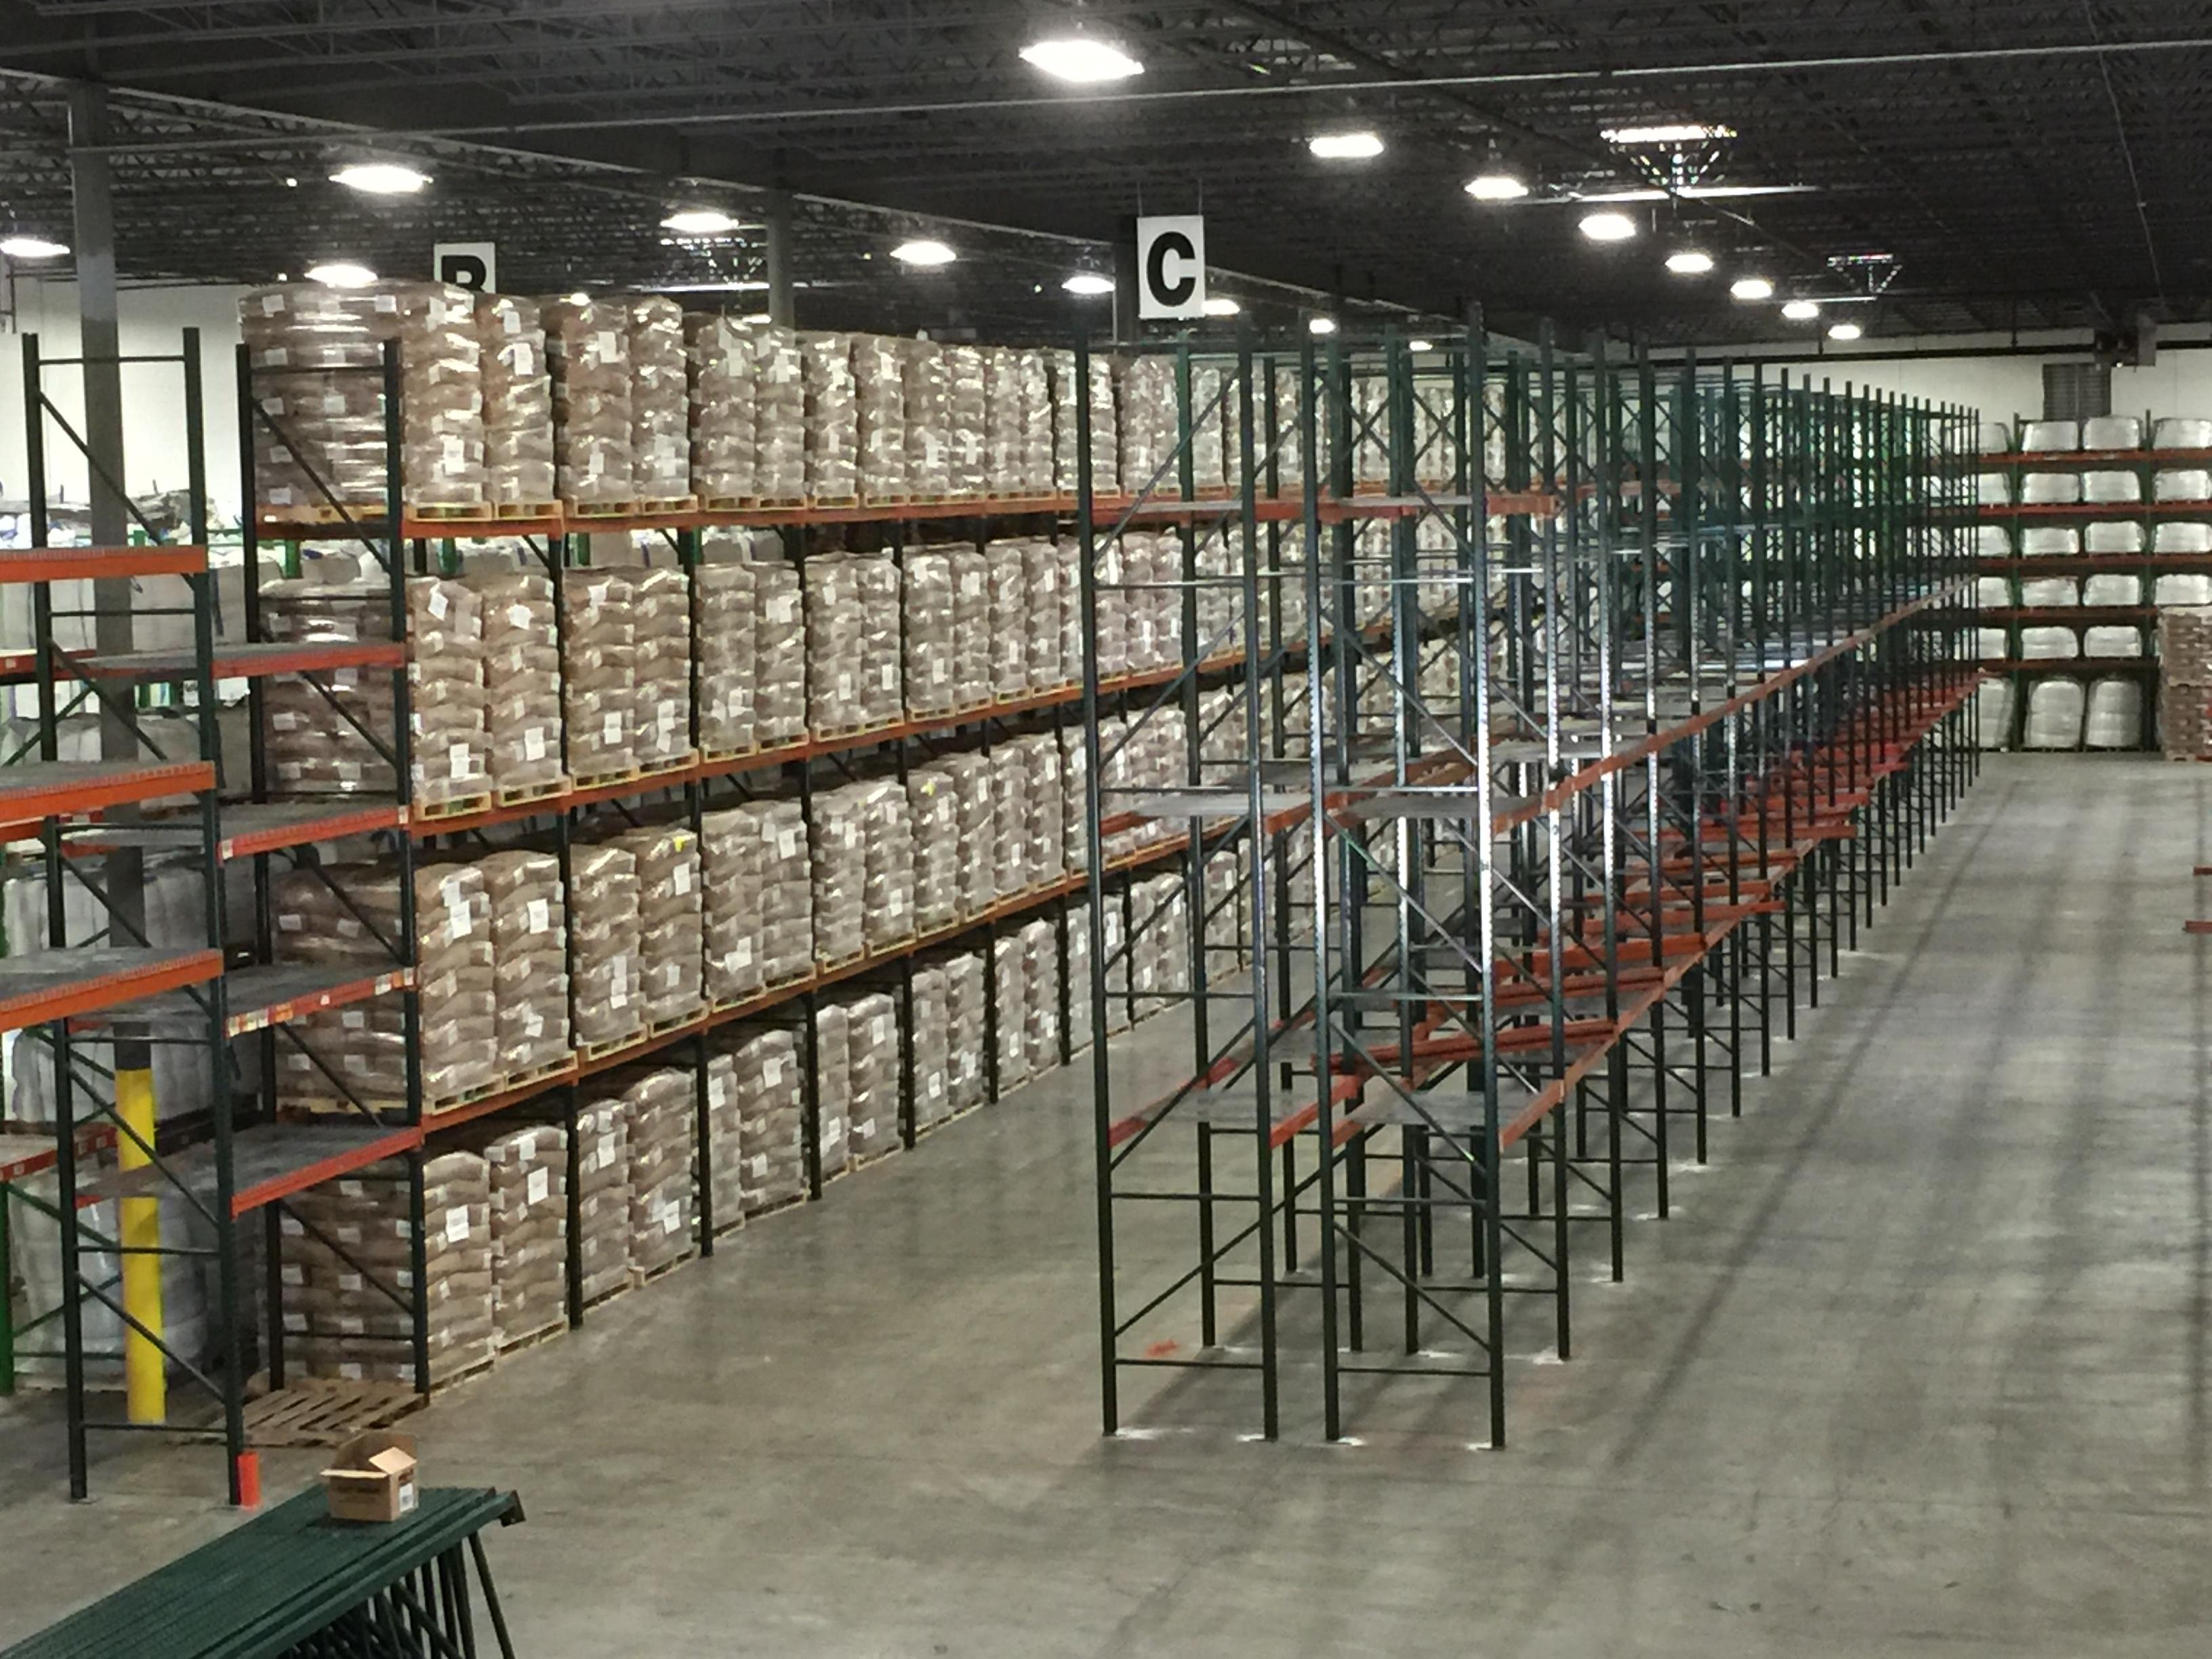 warehouse in Macon, GA